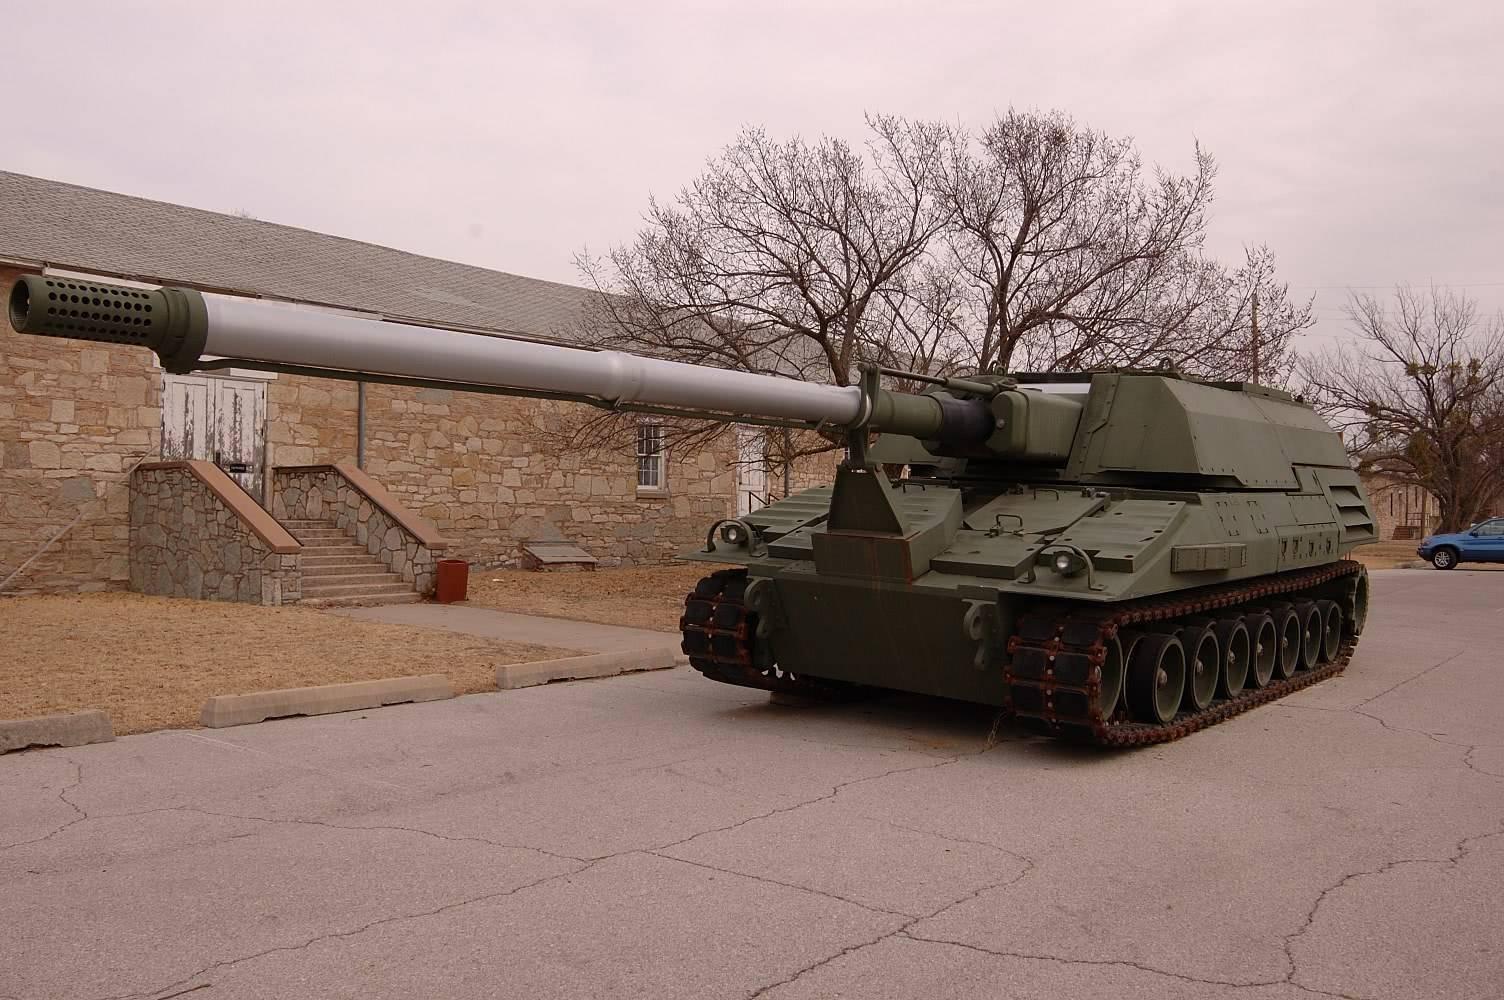 美军研发射程1600千米火炮部署亚太 陈虎:造不出来